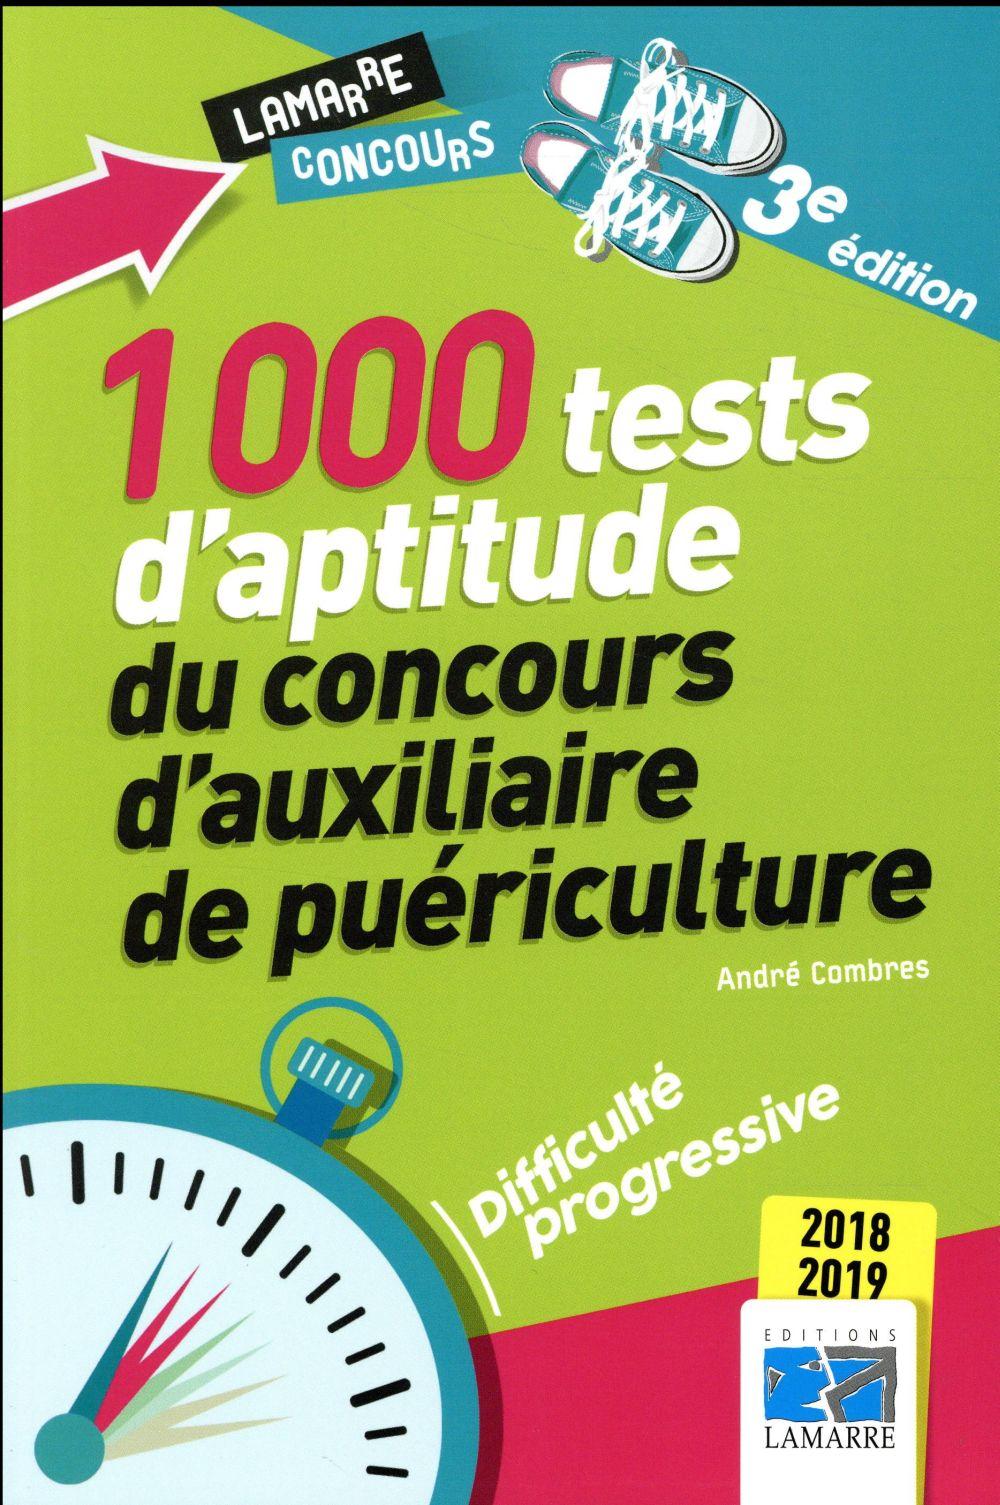 1000 TESTS D APTITUDE DU CONCOURS D AUXILIAIRE DE PUERICULTURE 2018-2019